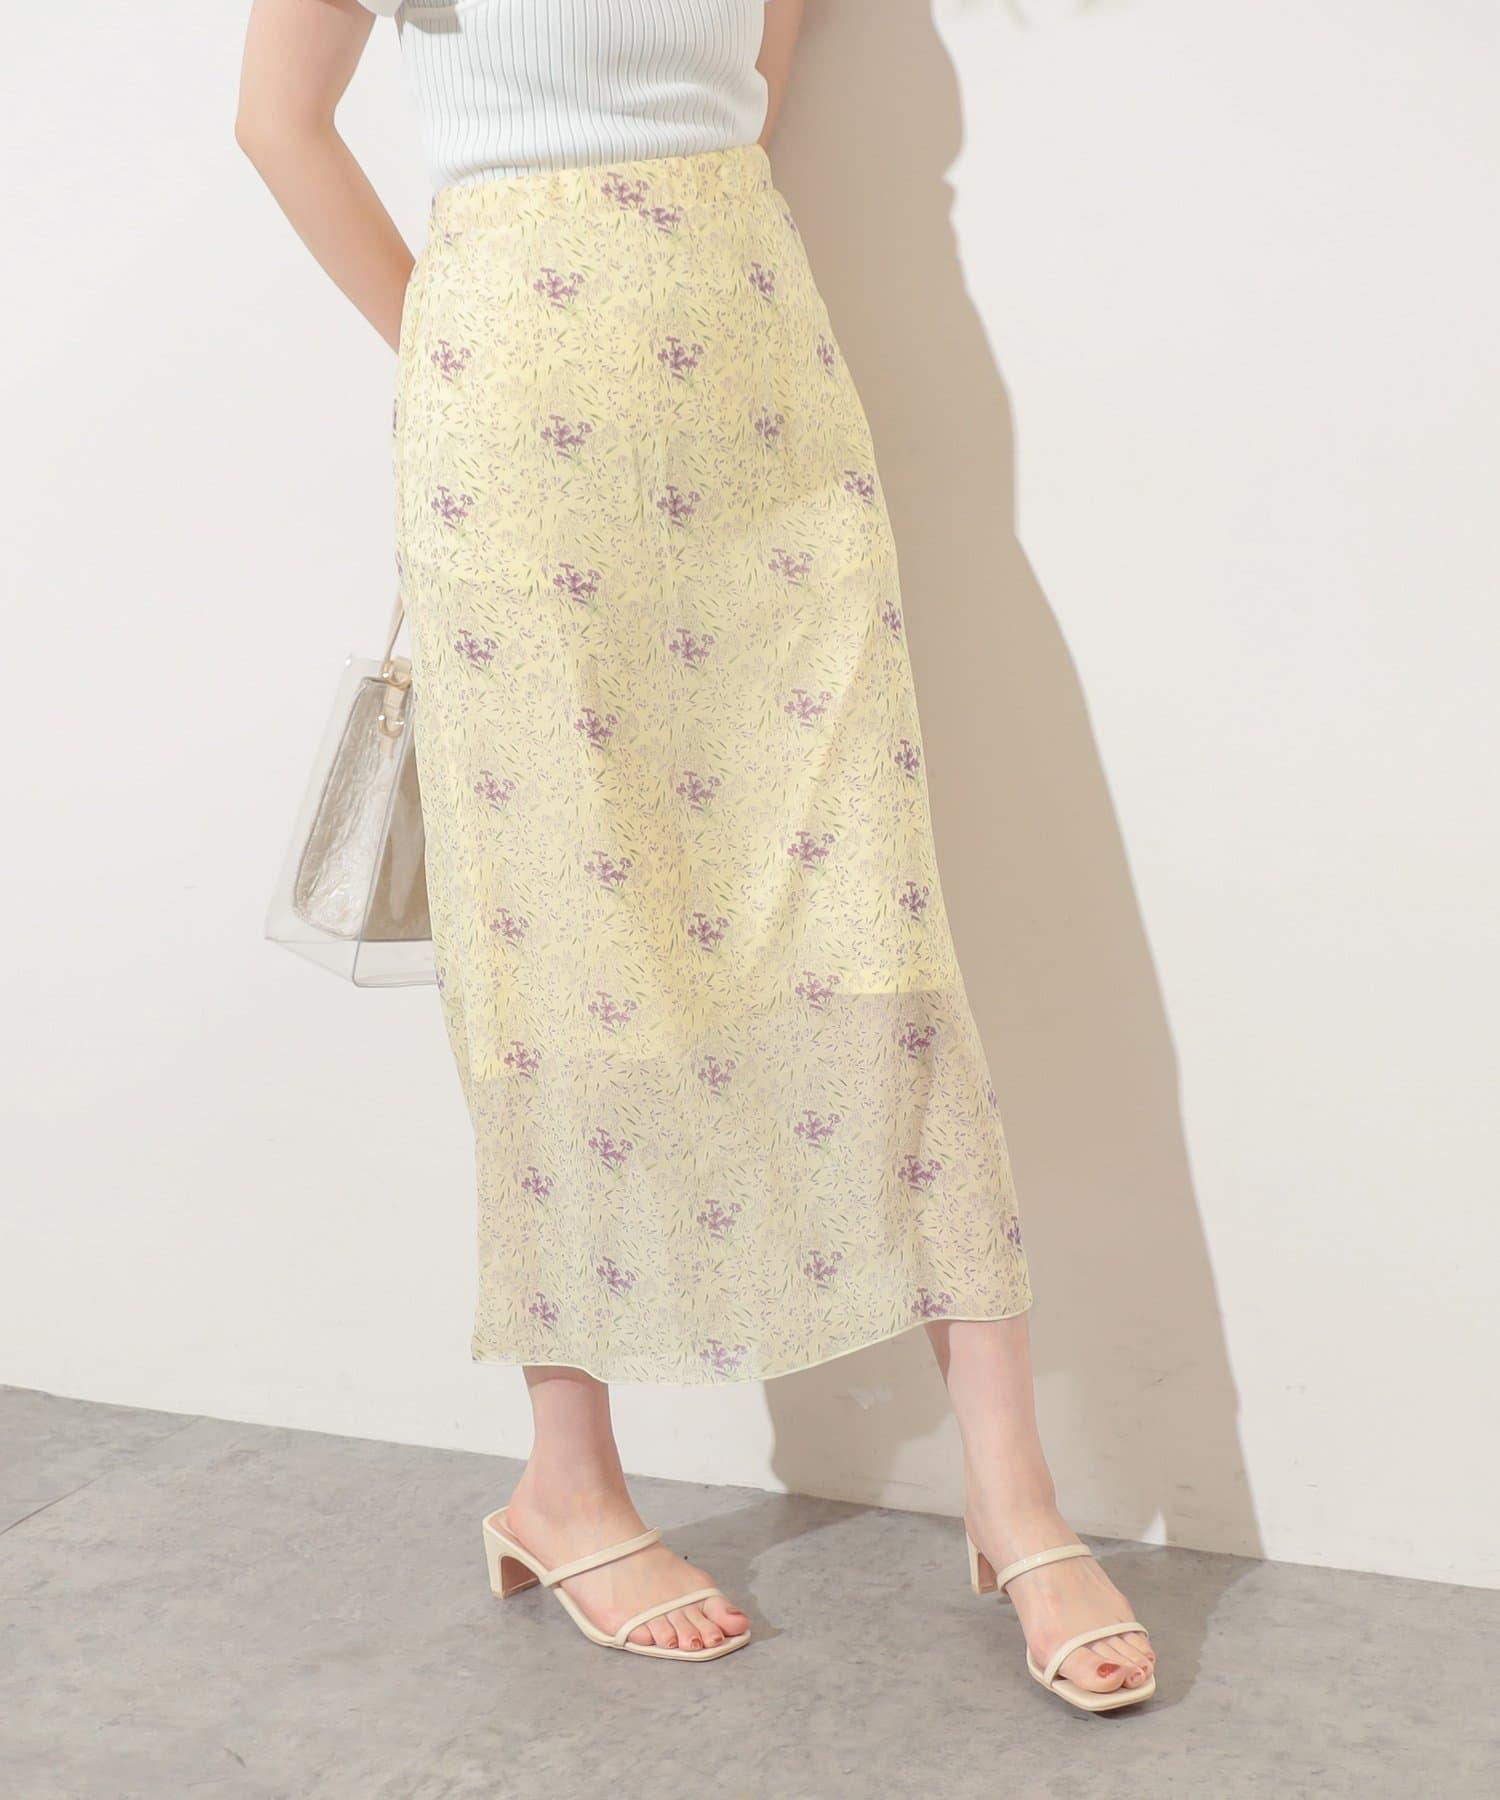 natural couture(ナチュラルクチュール) 【WEB限定】儚げフラワースカート